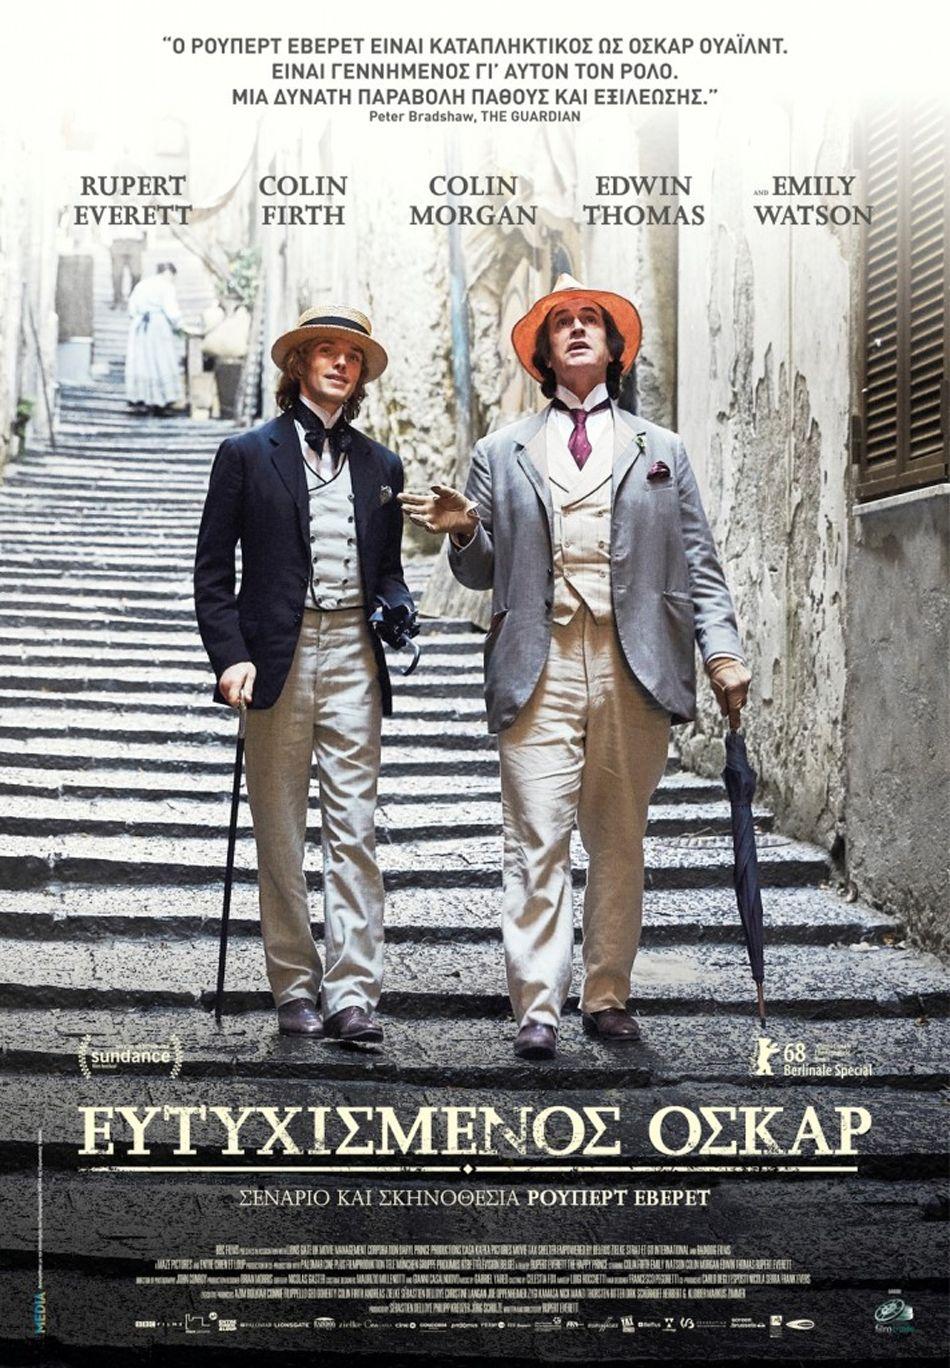 Ευτυχισμένος Όσκαρ (The Happy Prince) Poster Πόστερ